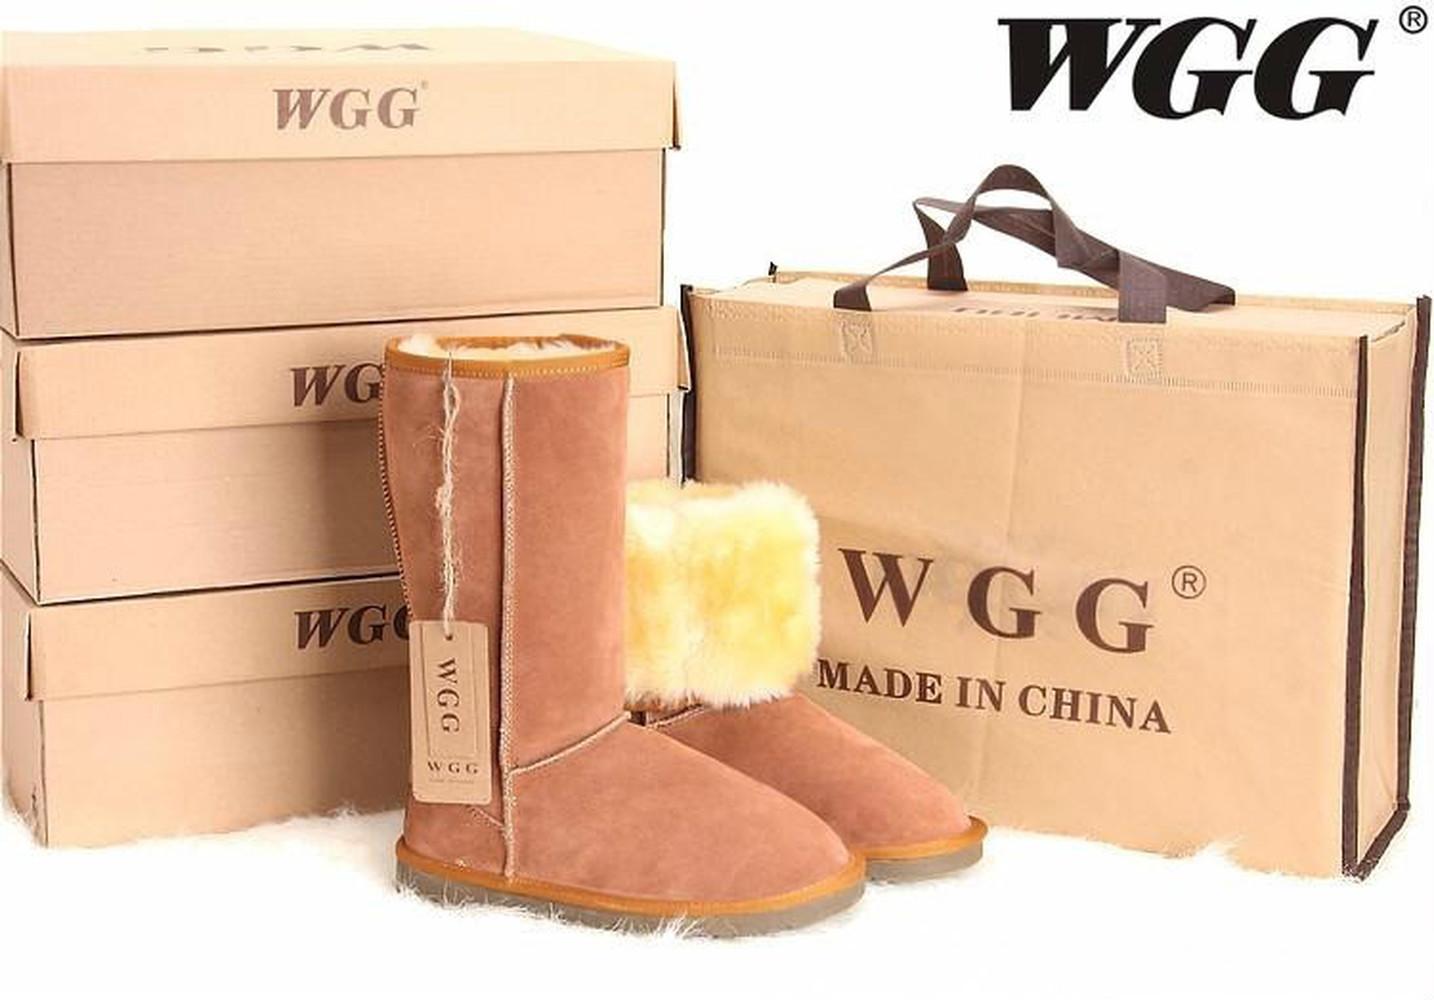 2017 clássico de alta qualidade WGG Marca Mulheres populares Austrália couro genuíno Moda Mulheres de botas de neve botas US5 - US13 frete grátis